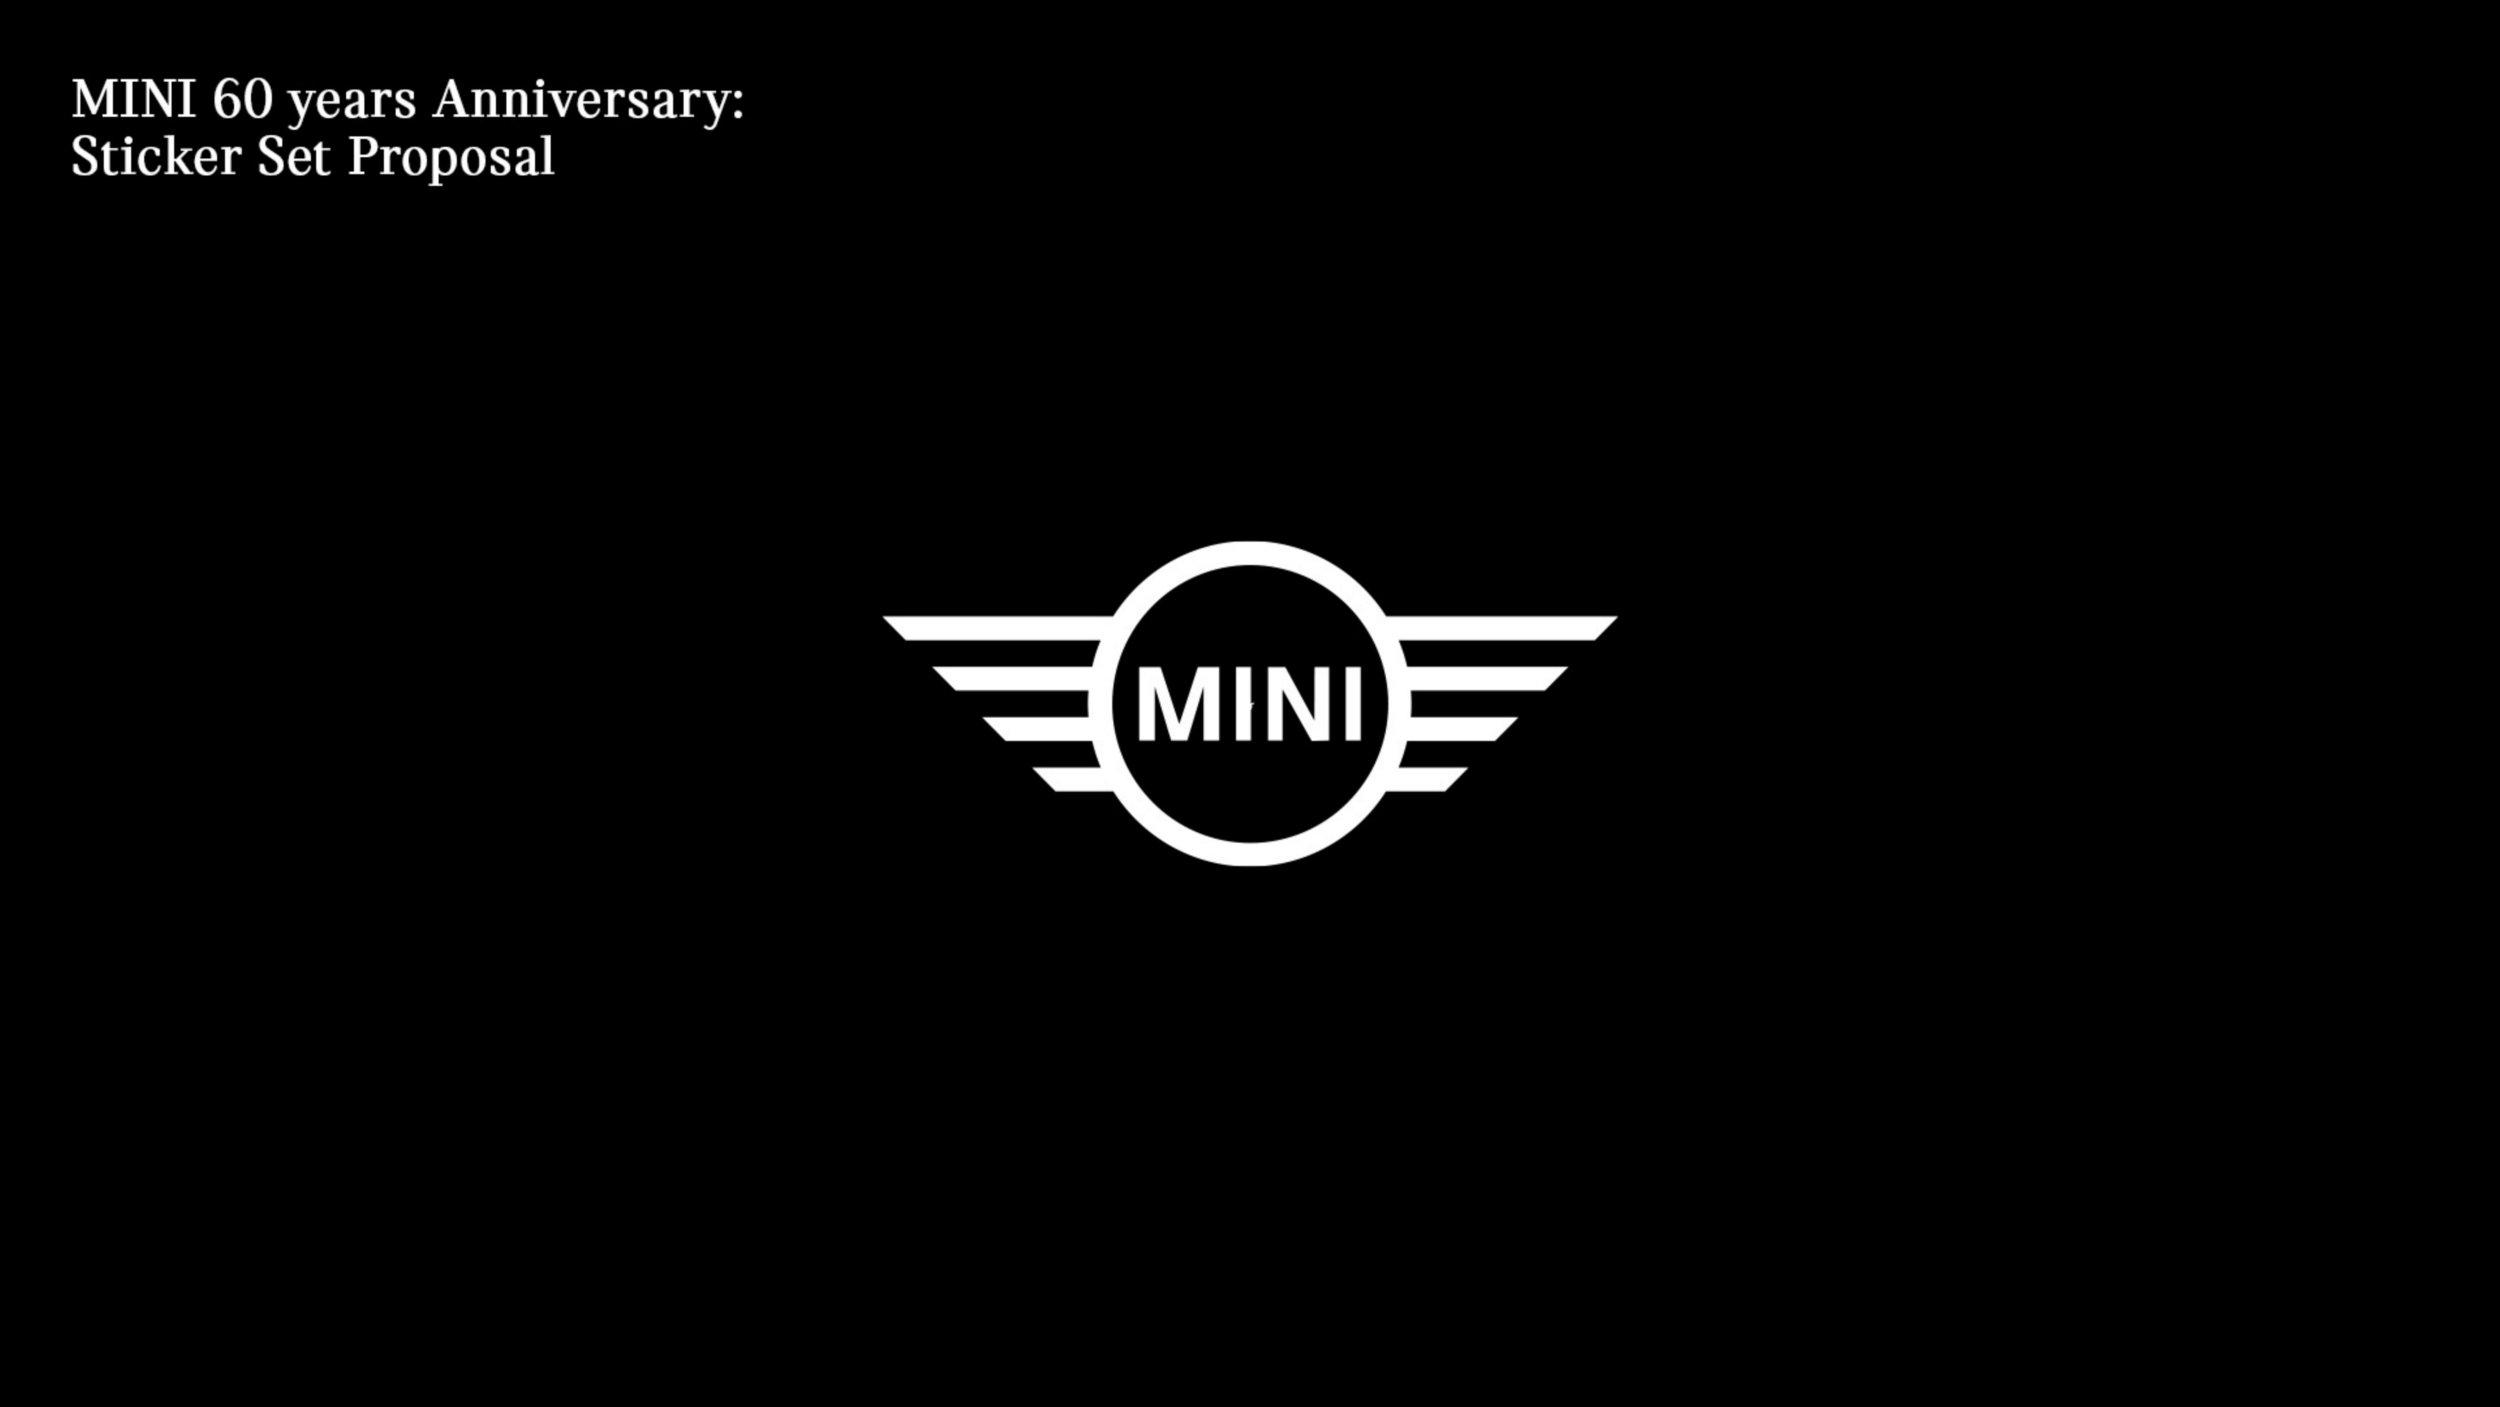 MINI_Sticker_final-01.jpg